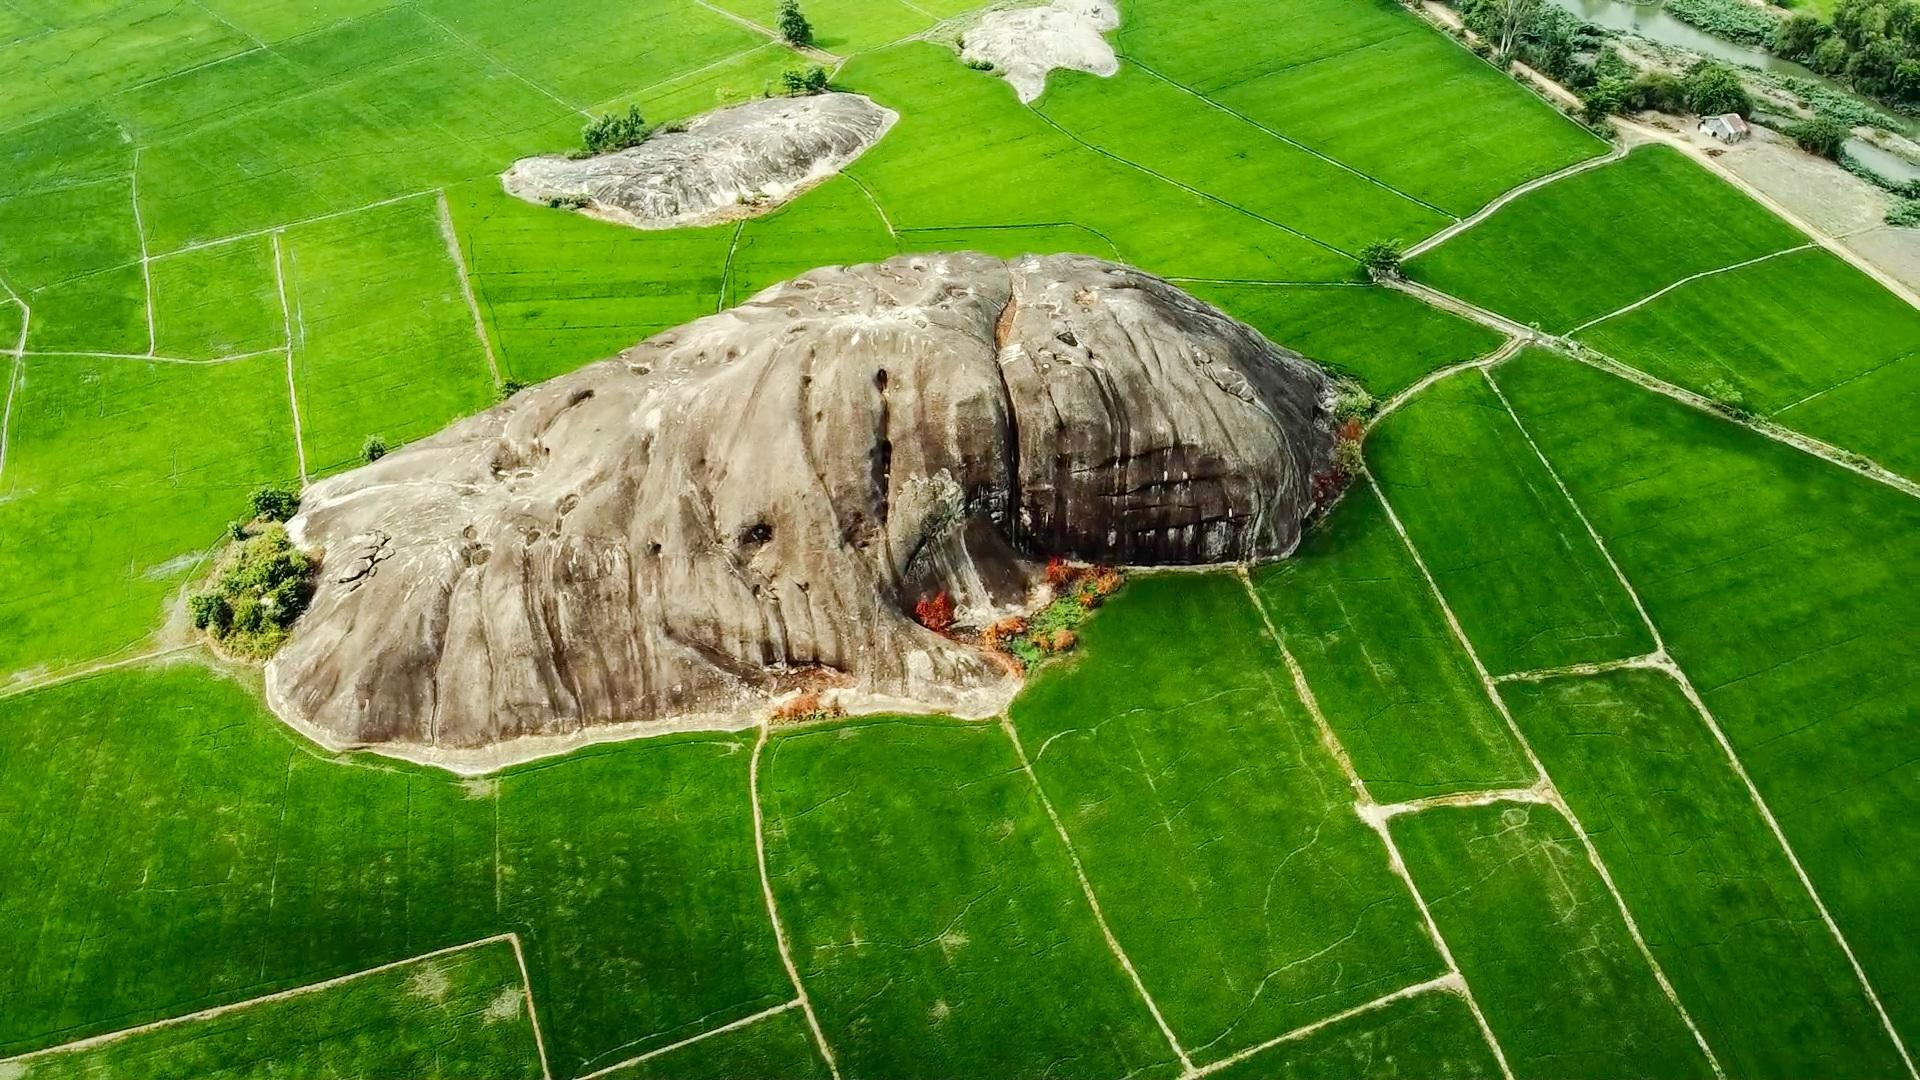 Khám phá đá Chữ Thập, địa điểm dã ngoại lí tưởng quanh khu vực Sài Gòn - Ảnh 1.